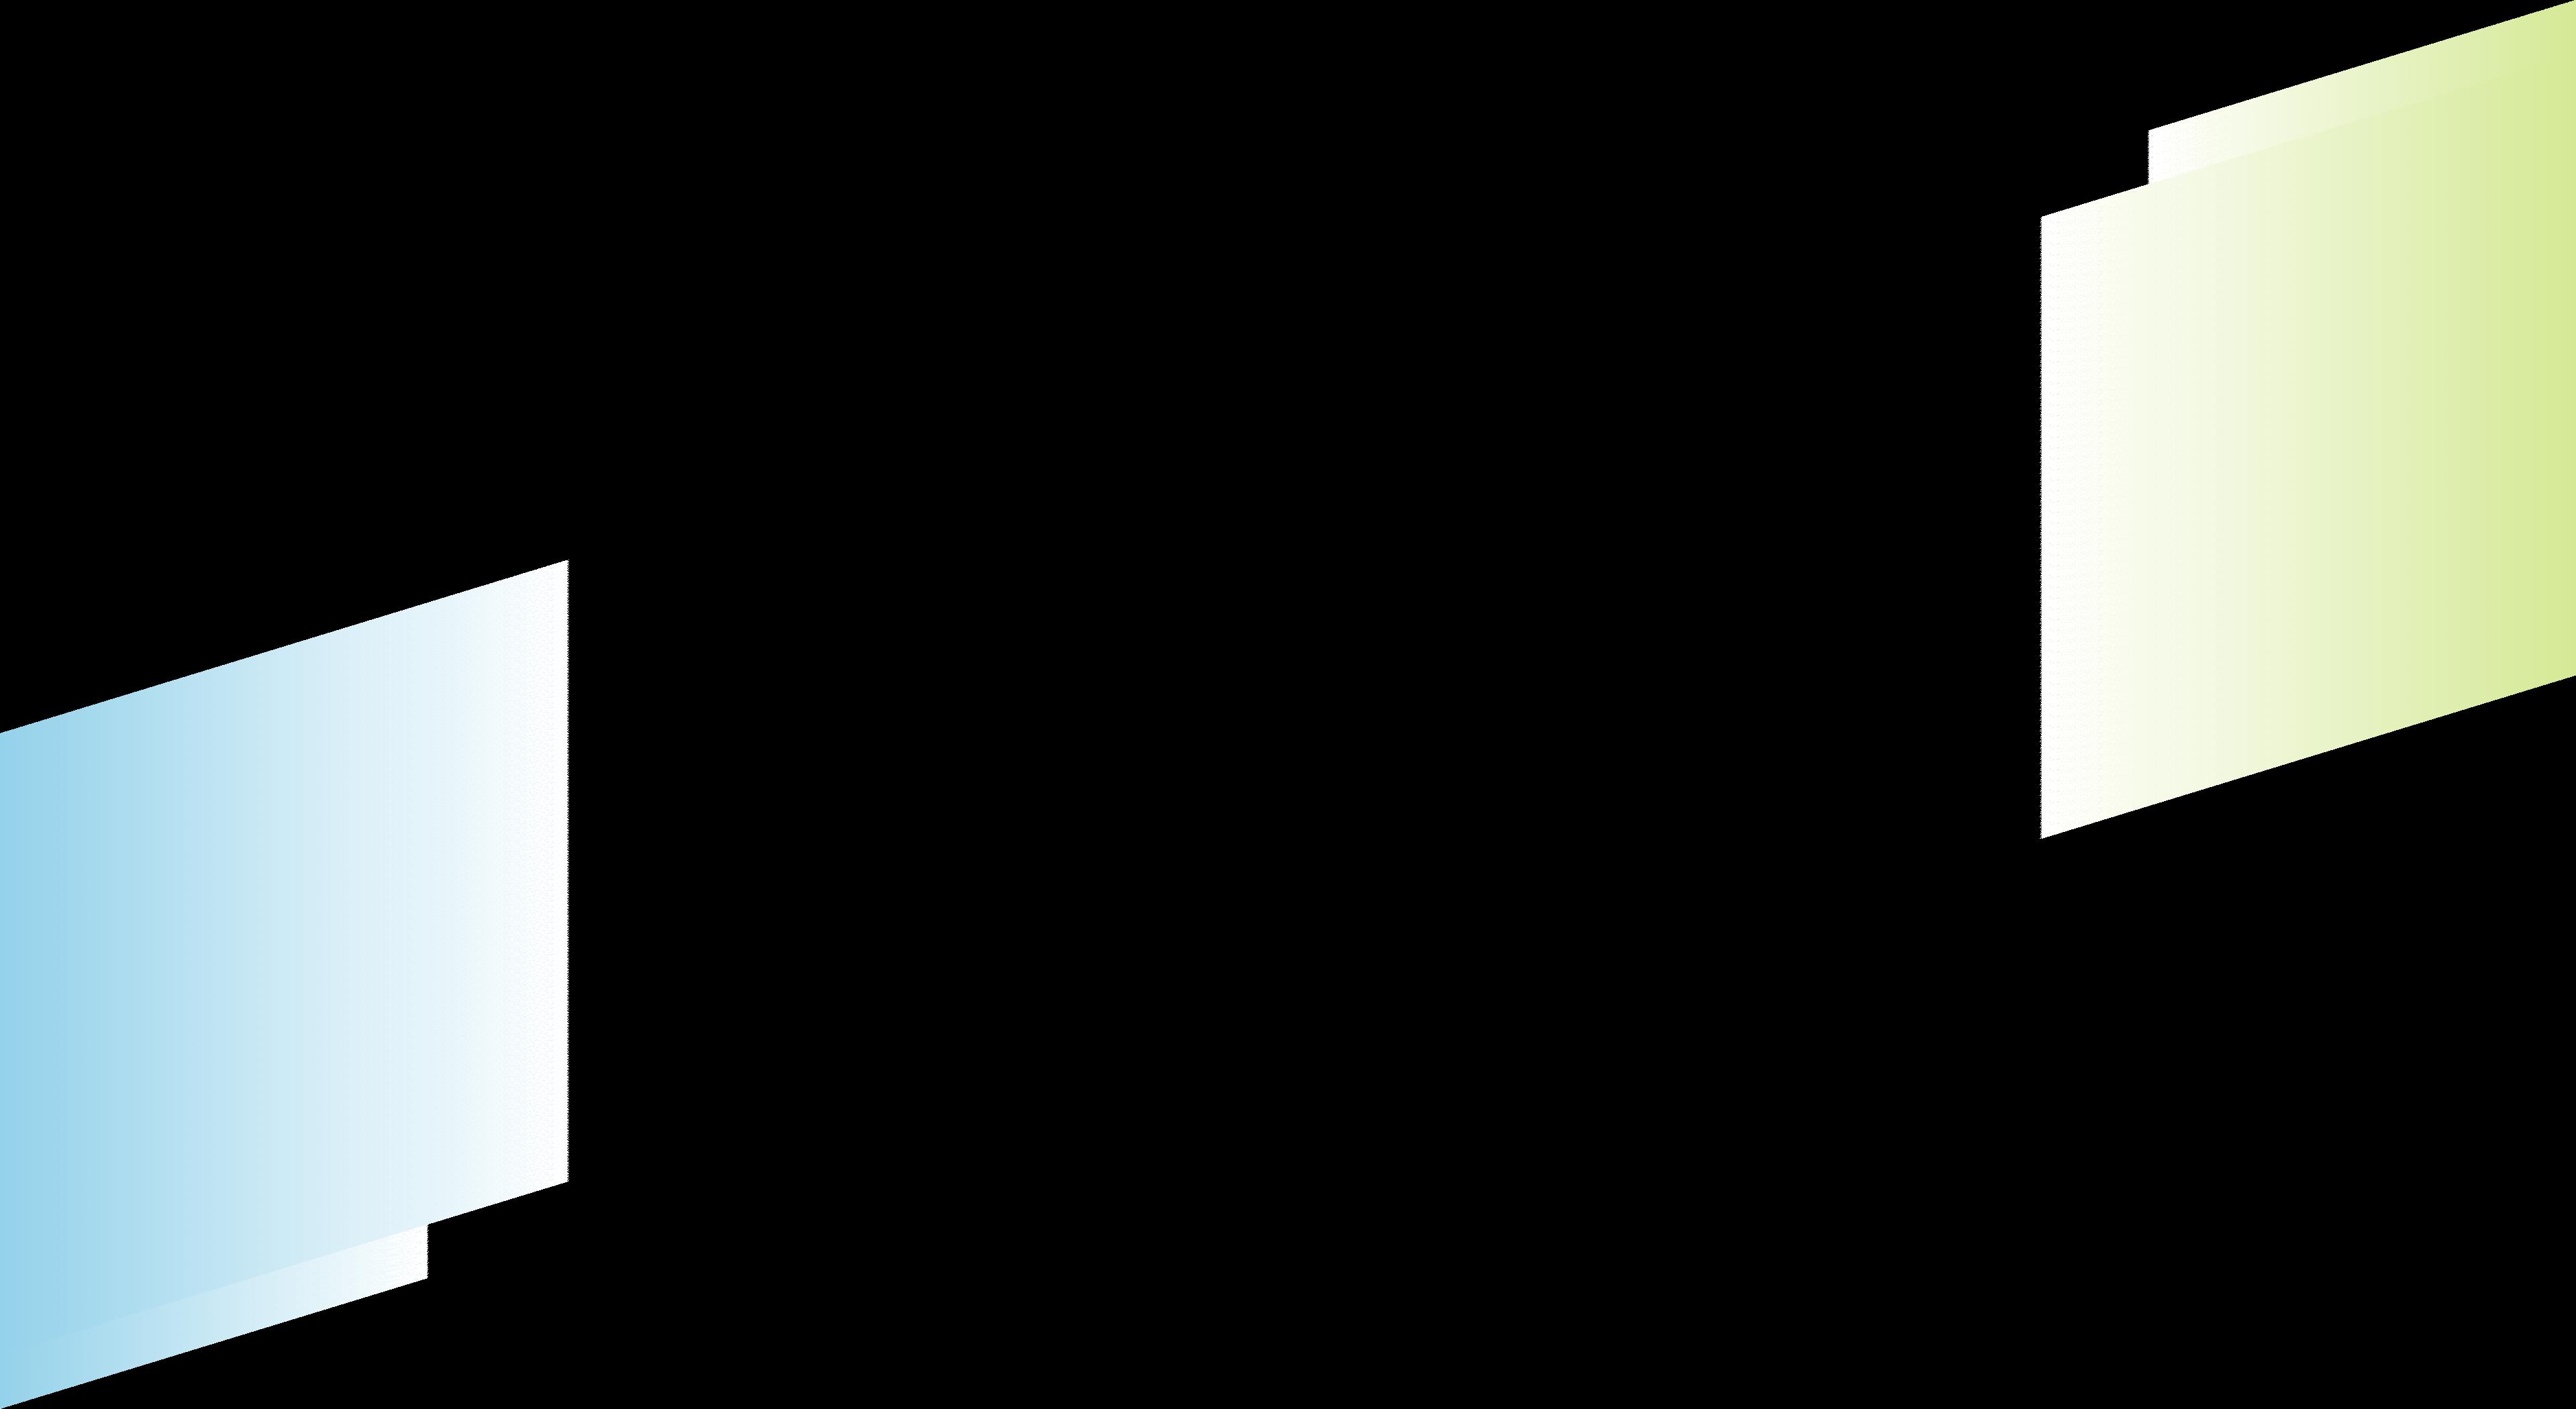 Hintergrund Verlaufsgrafik